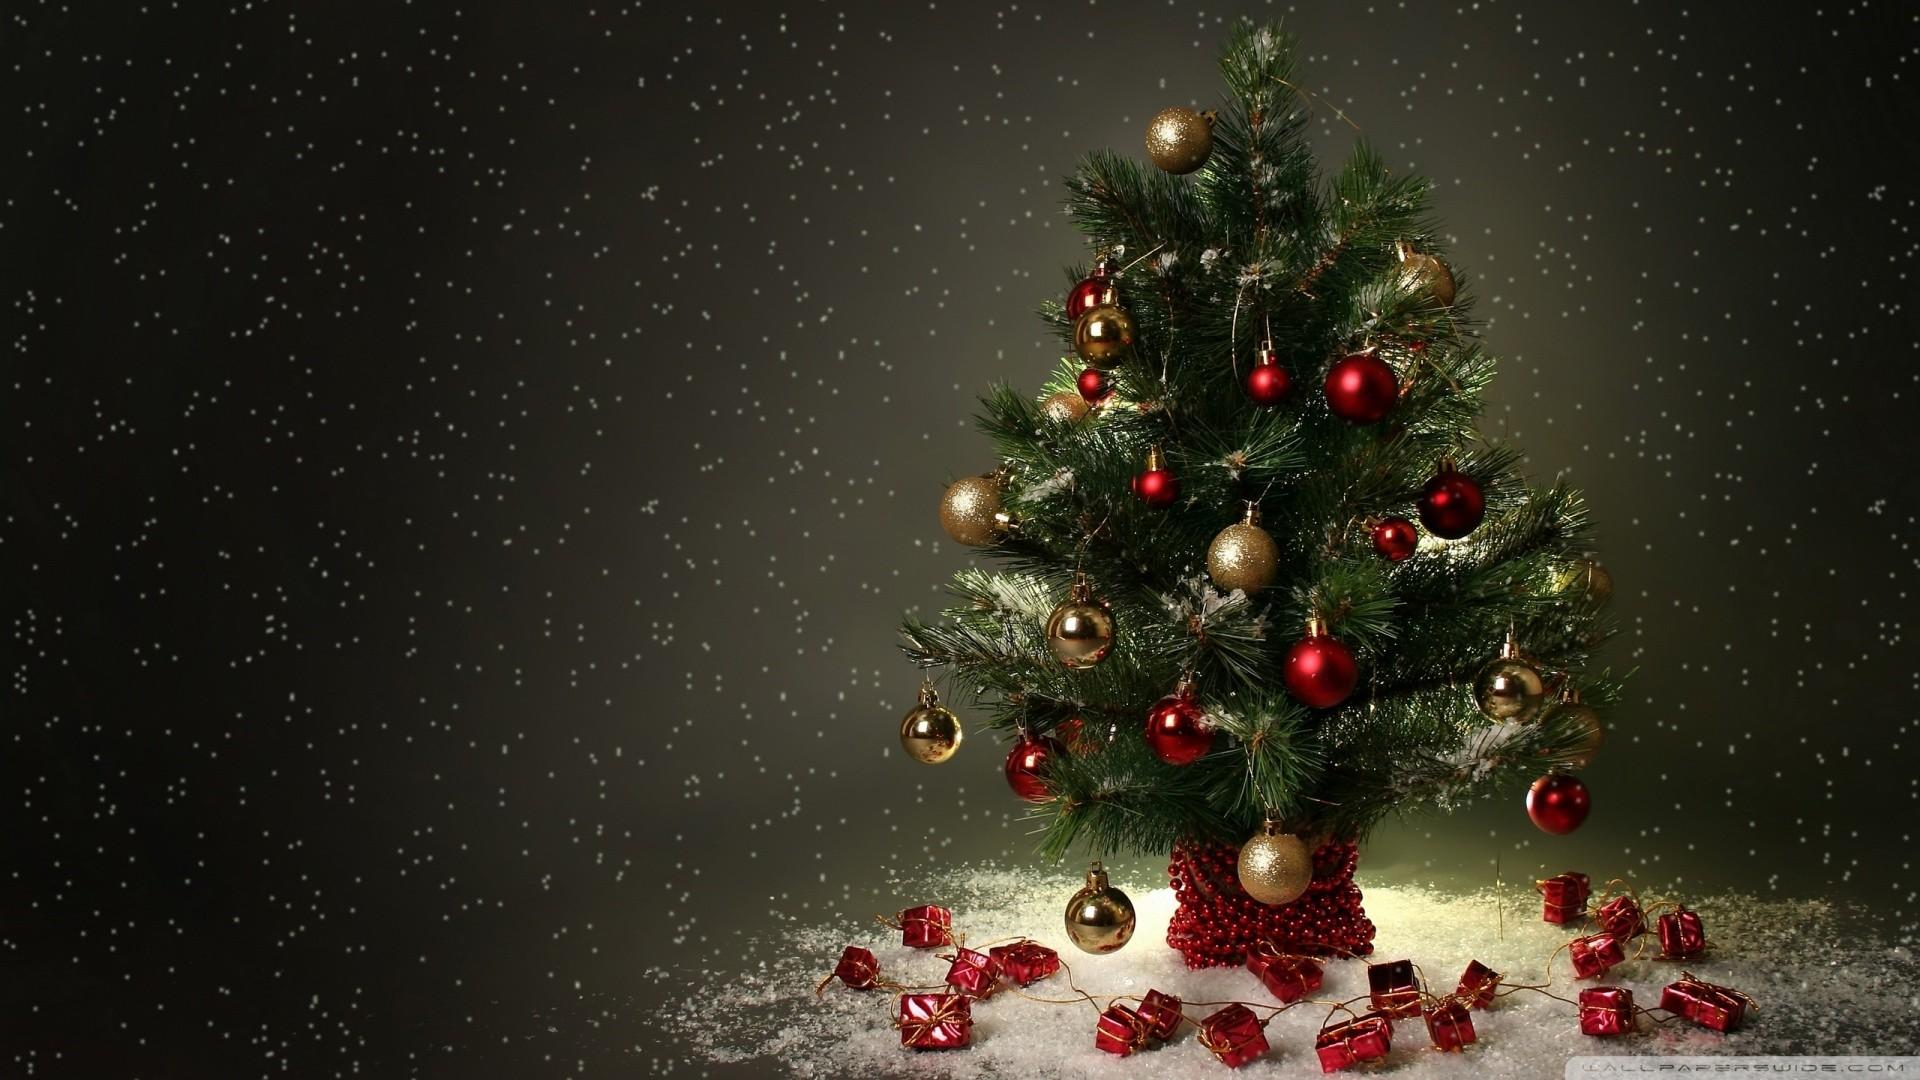 Christmas Hd Wallpapers 1080p.Christmas Hd Wallpaper 1080p 1920x1080 72 Images